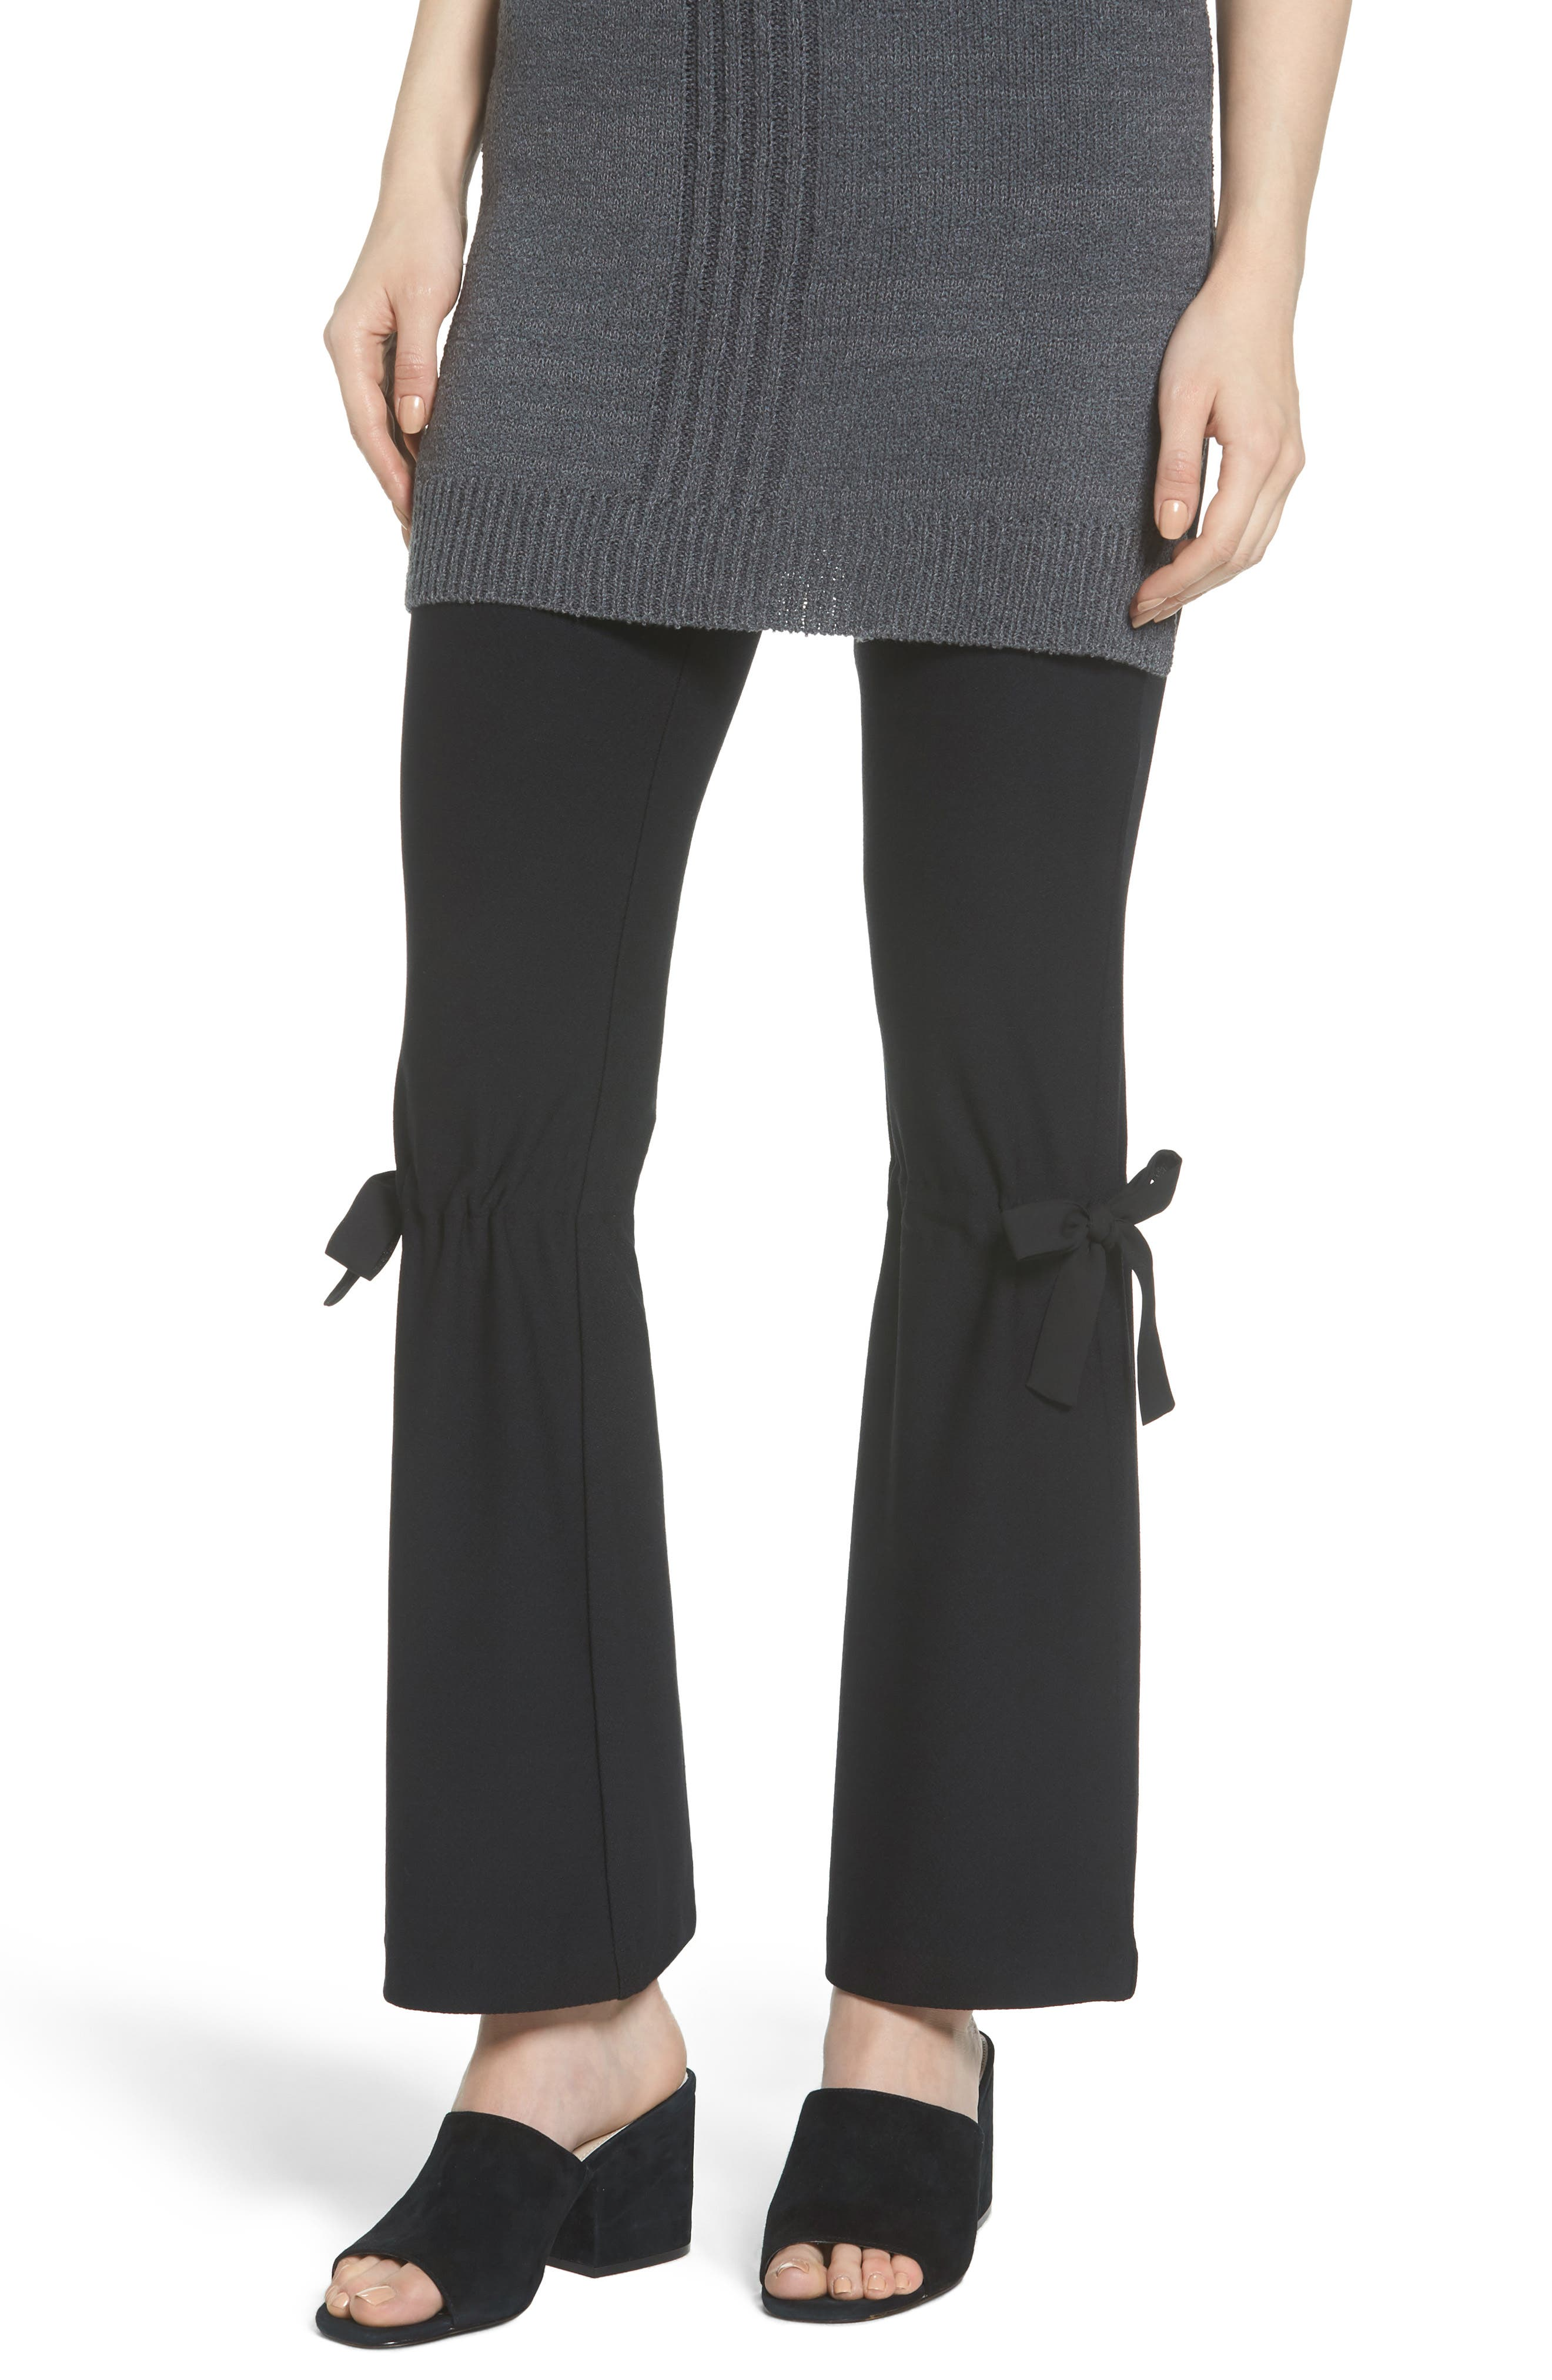 Lyssé Arcadia High Waist Pants